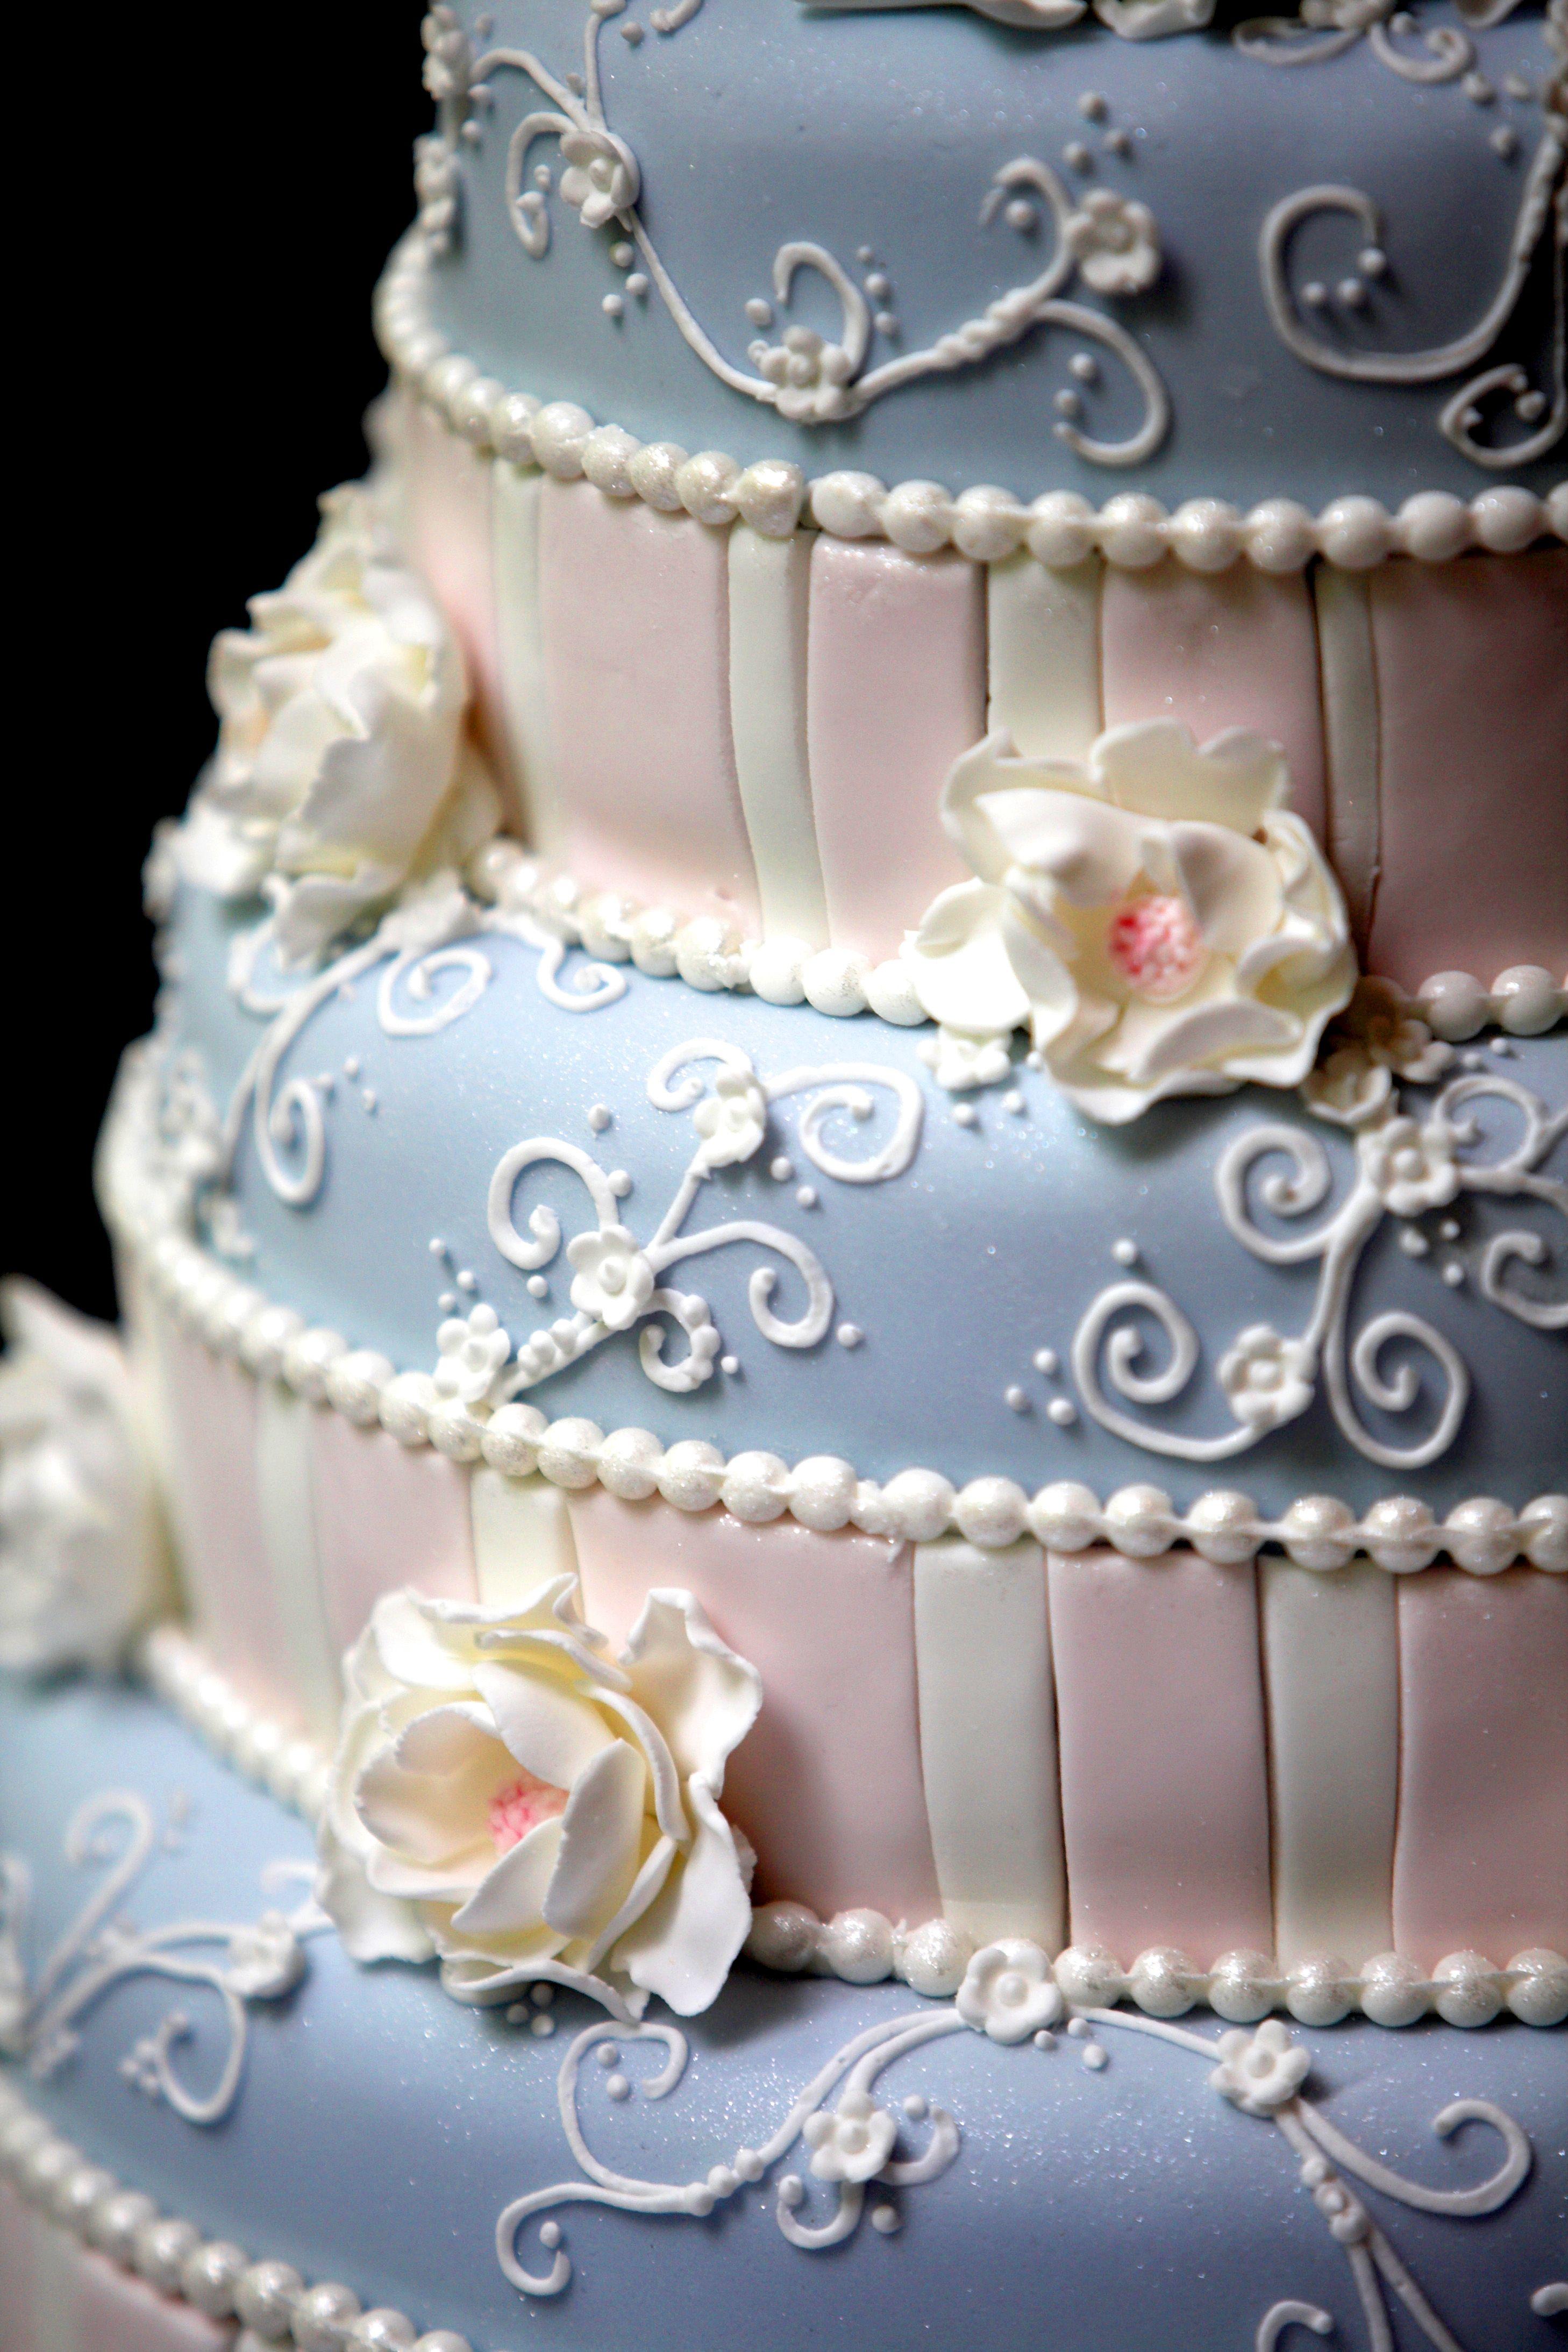 Cake detail